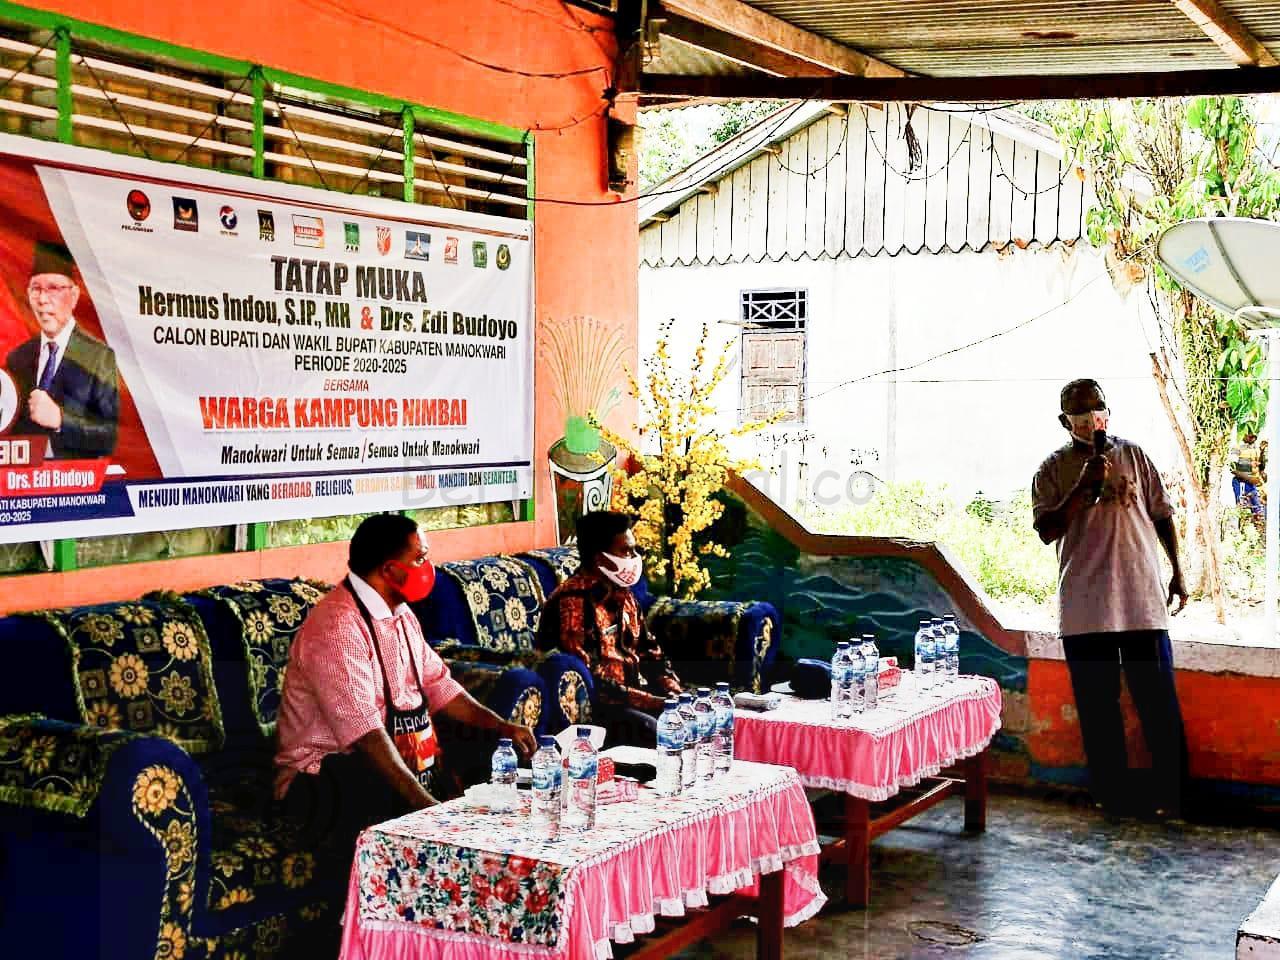 Hermus Indou: Pilih Paslon Membangun Masyarakat, Bukan Janji Dan Rupiah 2 IMG 20201031 WA0028 1